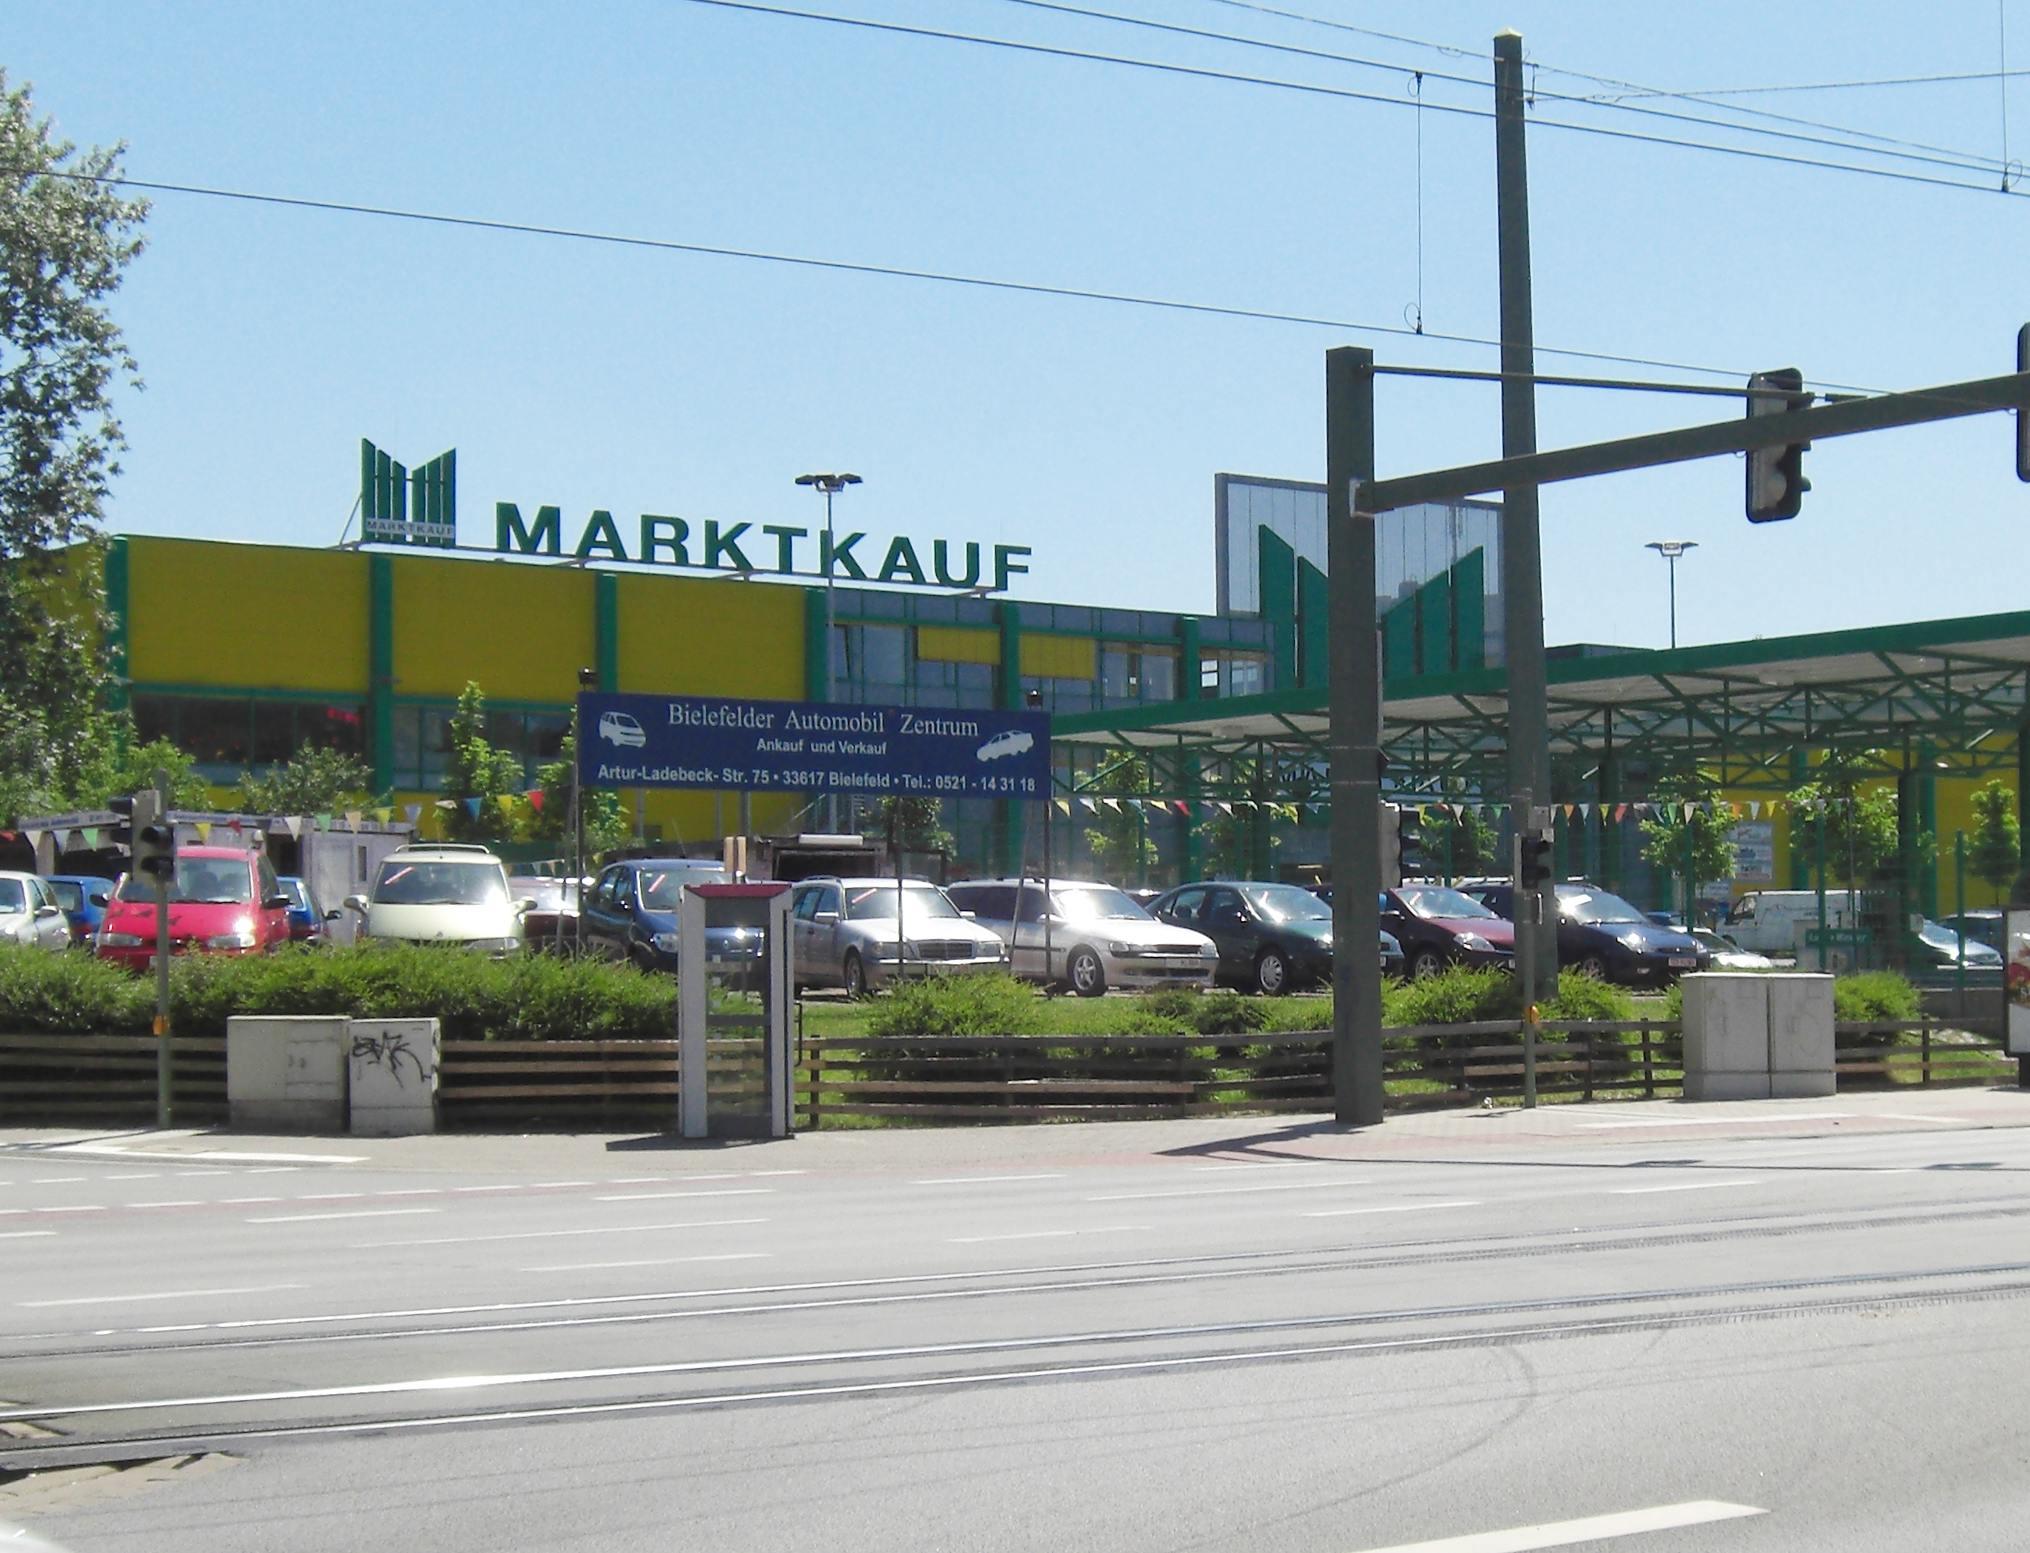 File:Marktkauf Gadderbaum Bethel Bielefeld panoramio.jpg